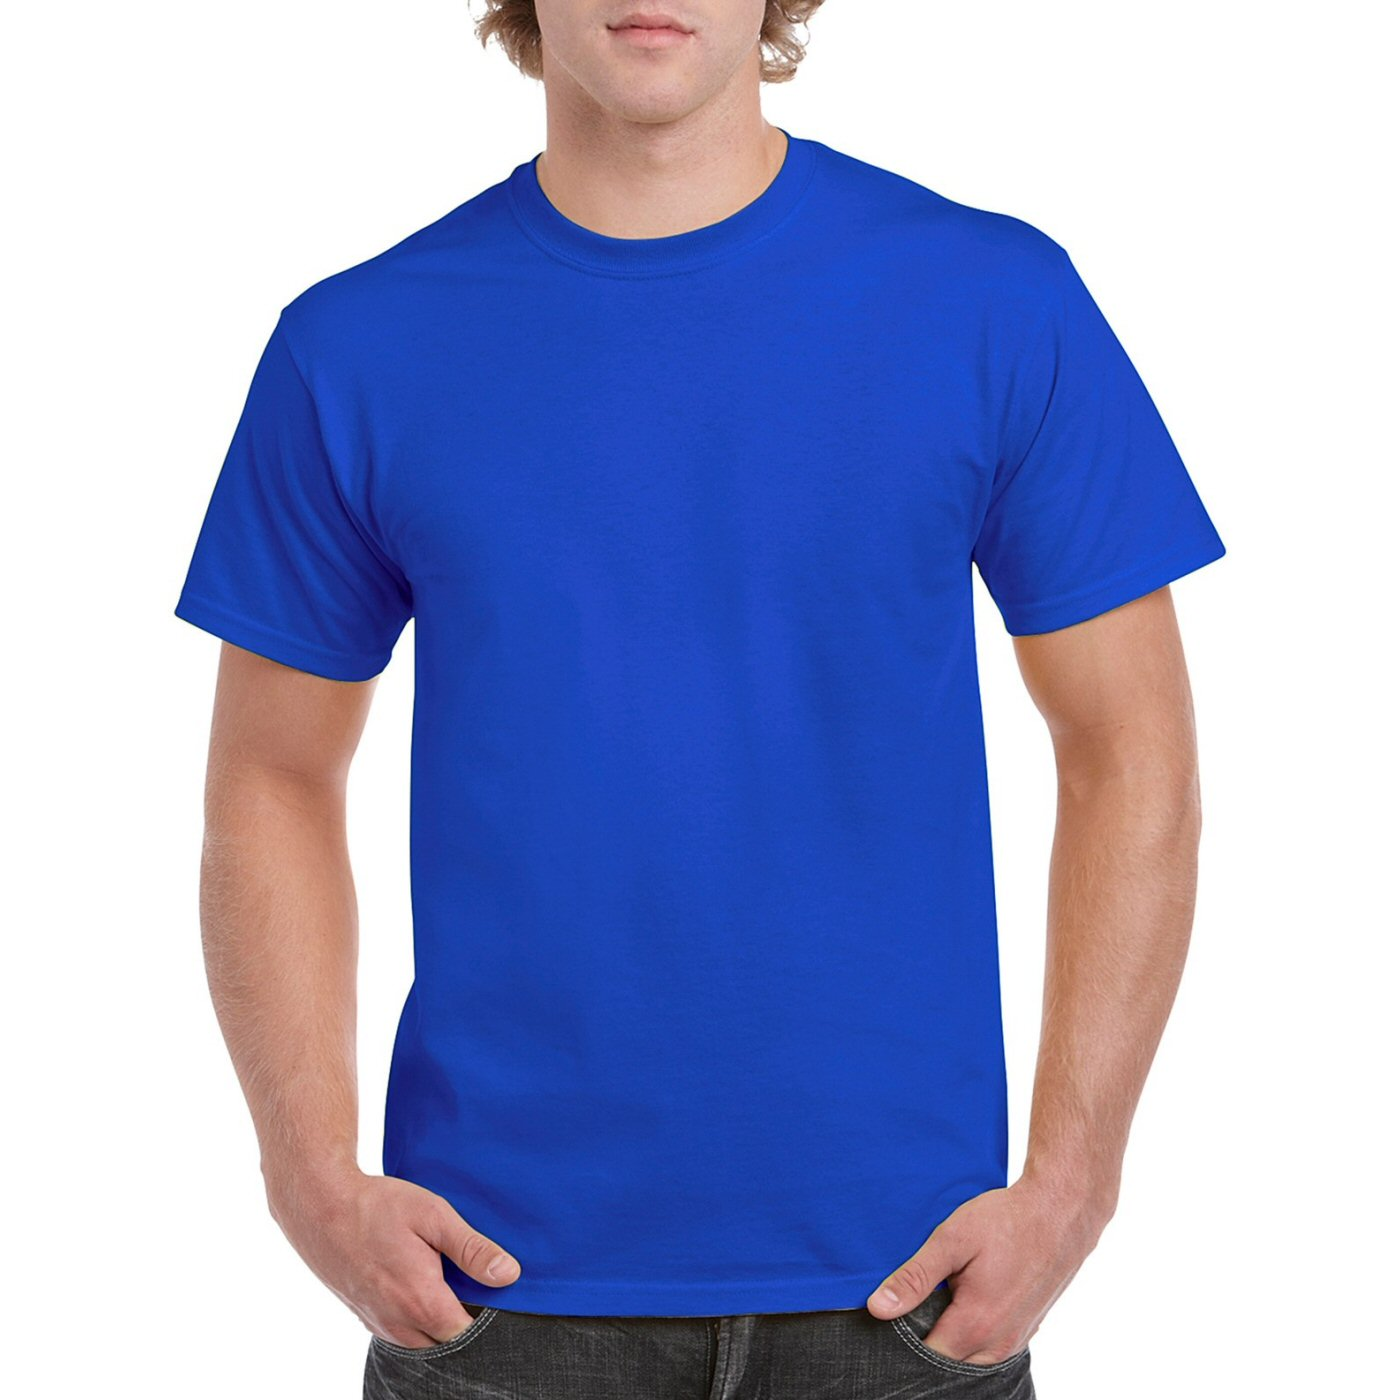 2019 wholesale price exclusive deals rich and magnificent Royal Blue Plain Round Neck T-shirt